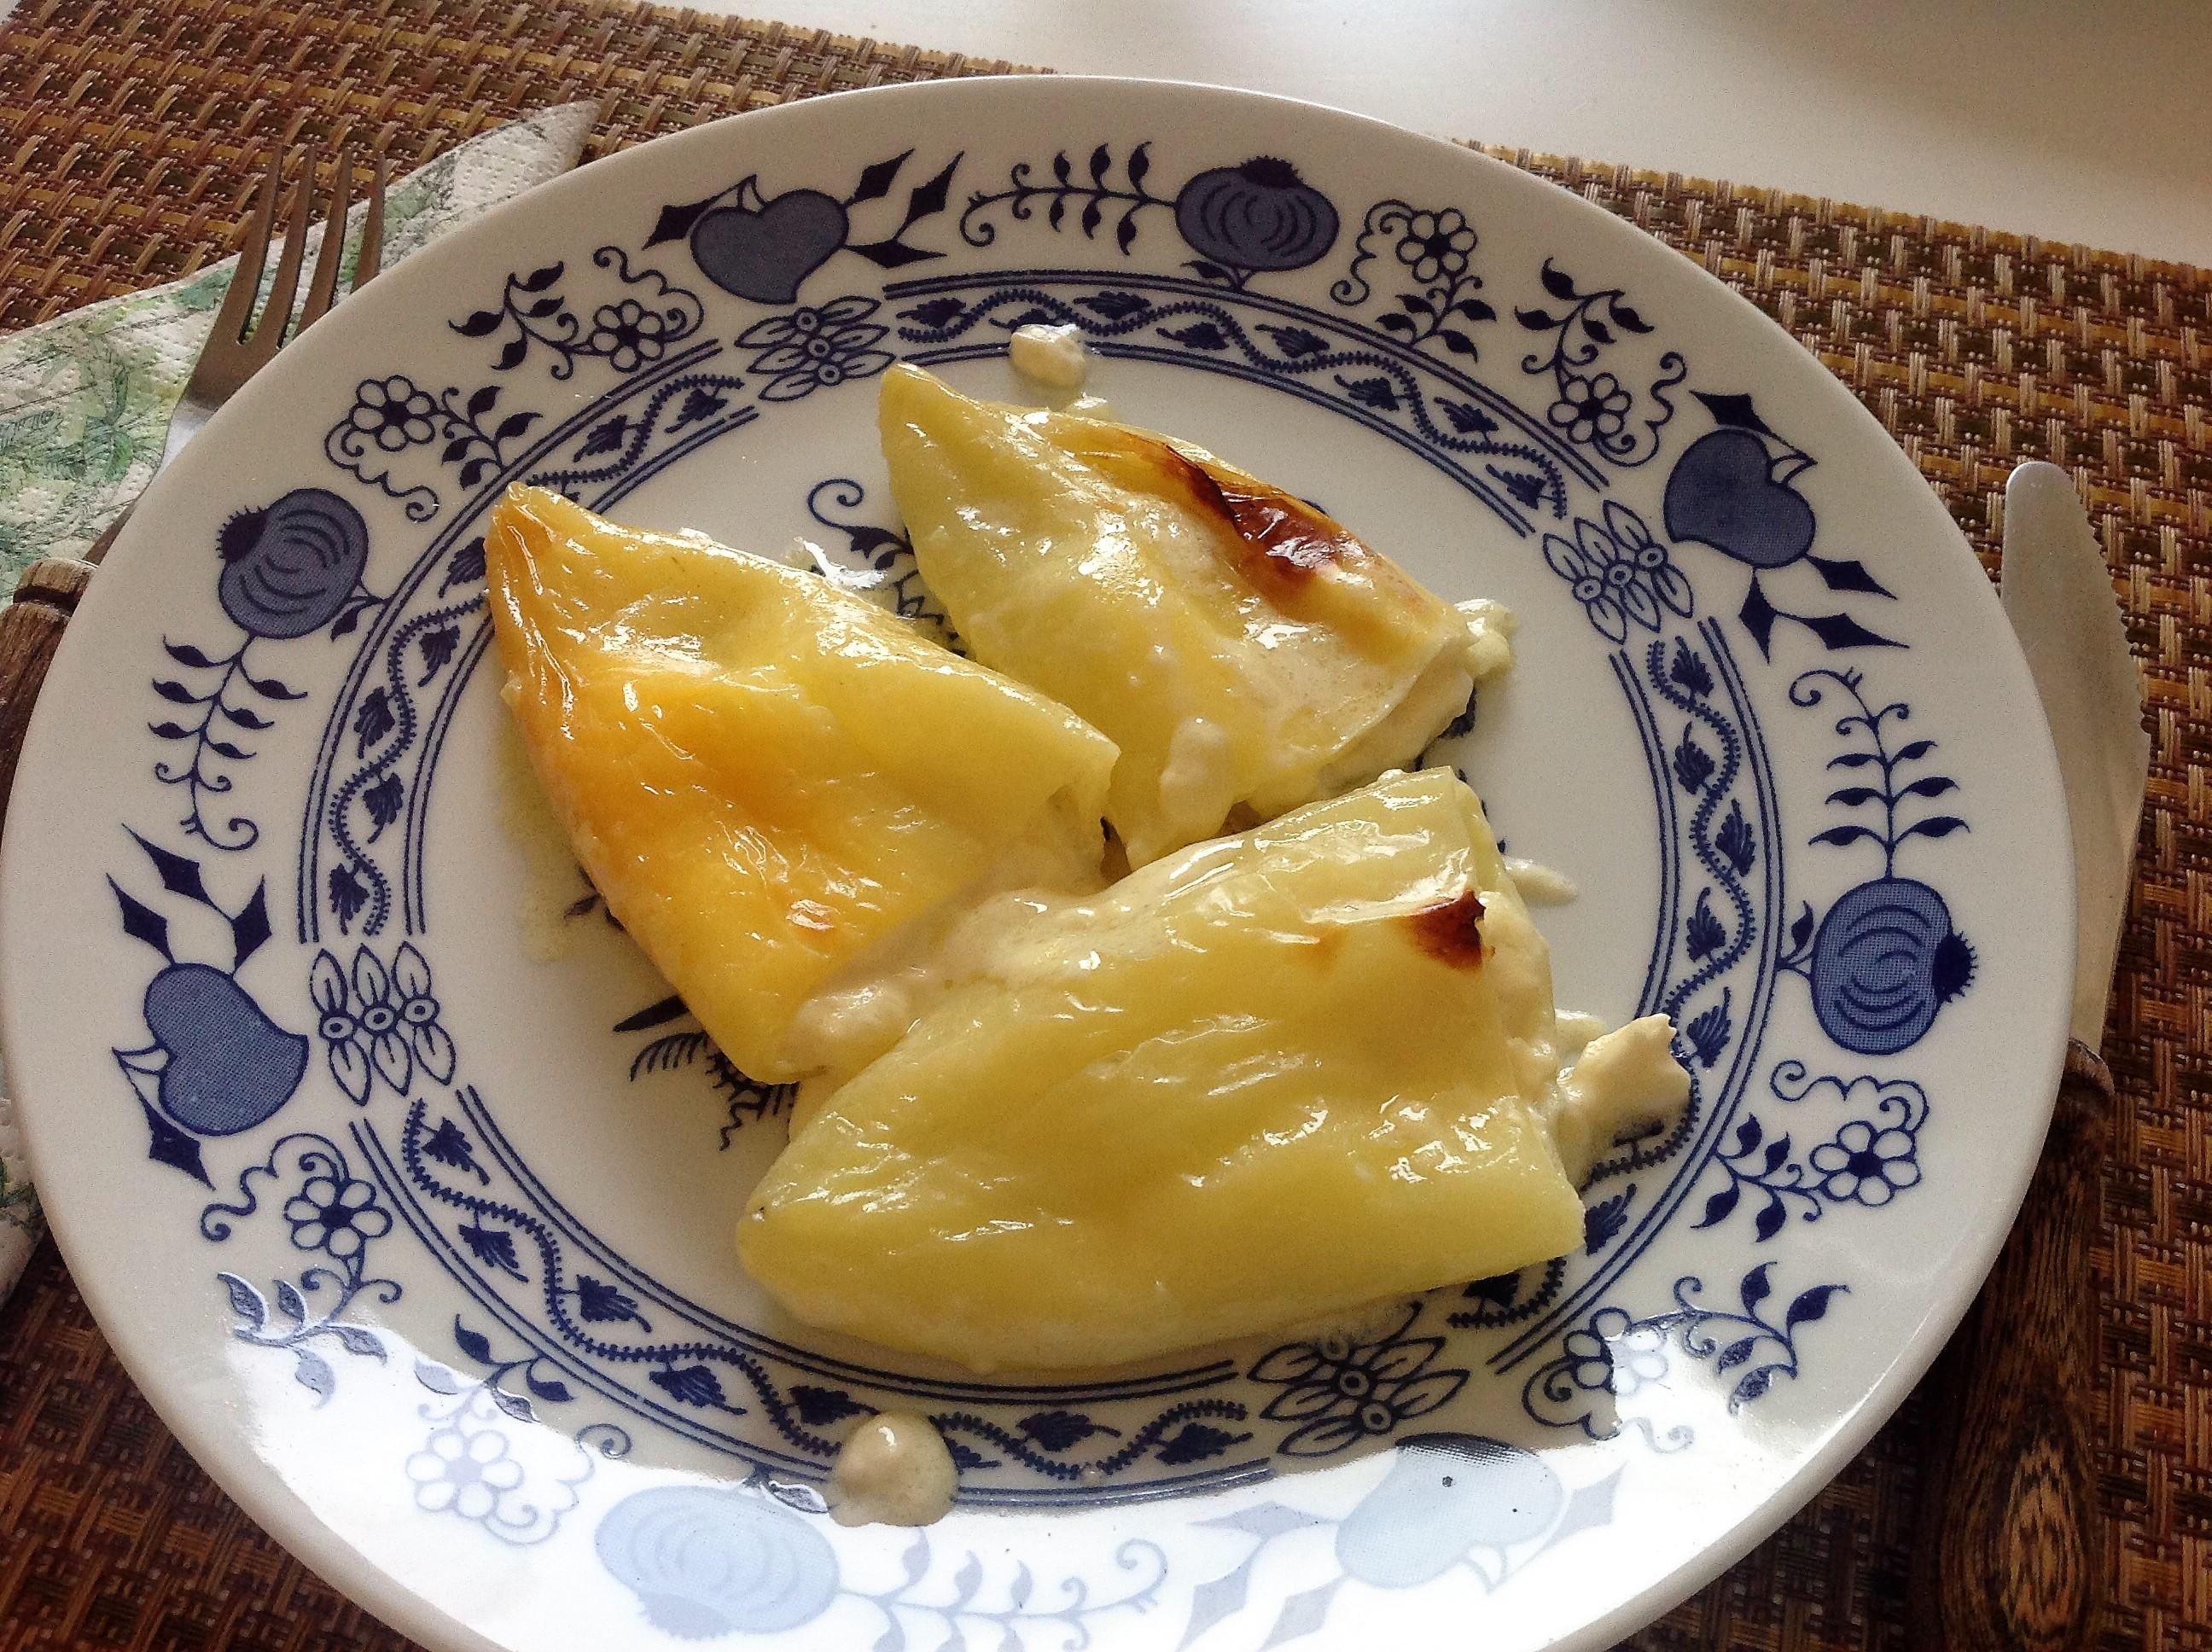 čo dnes variť, zapekaná paprika so syrom